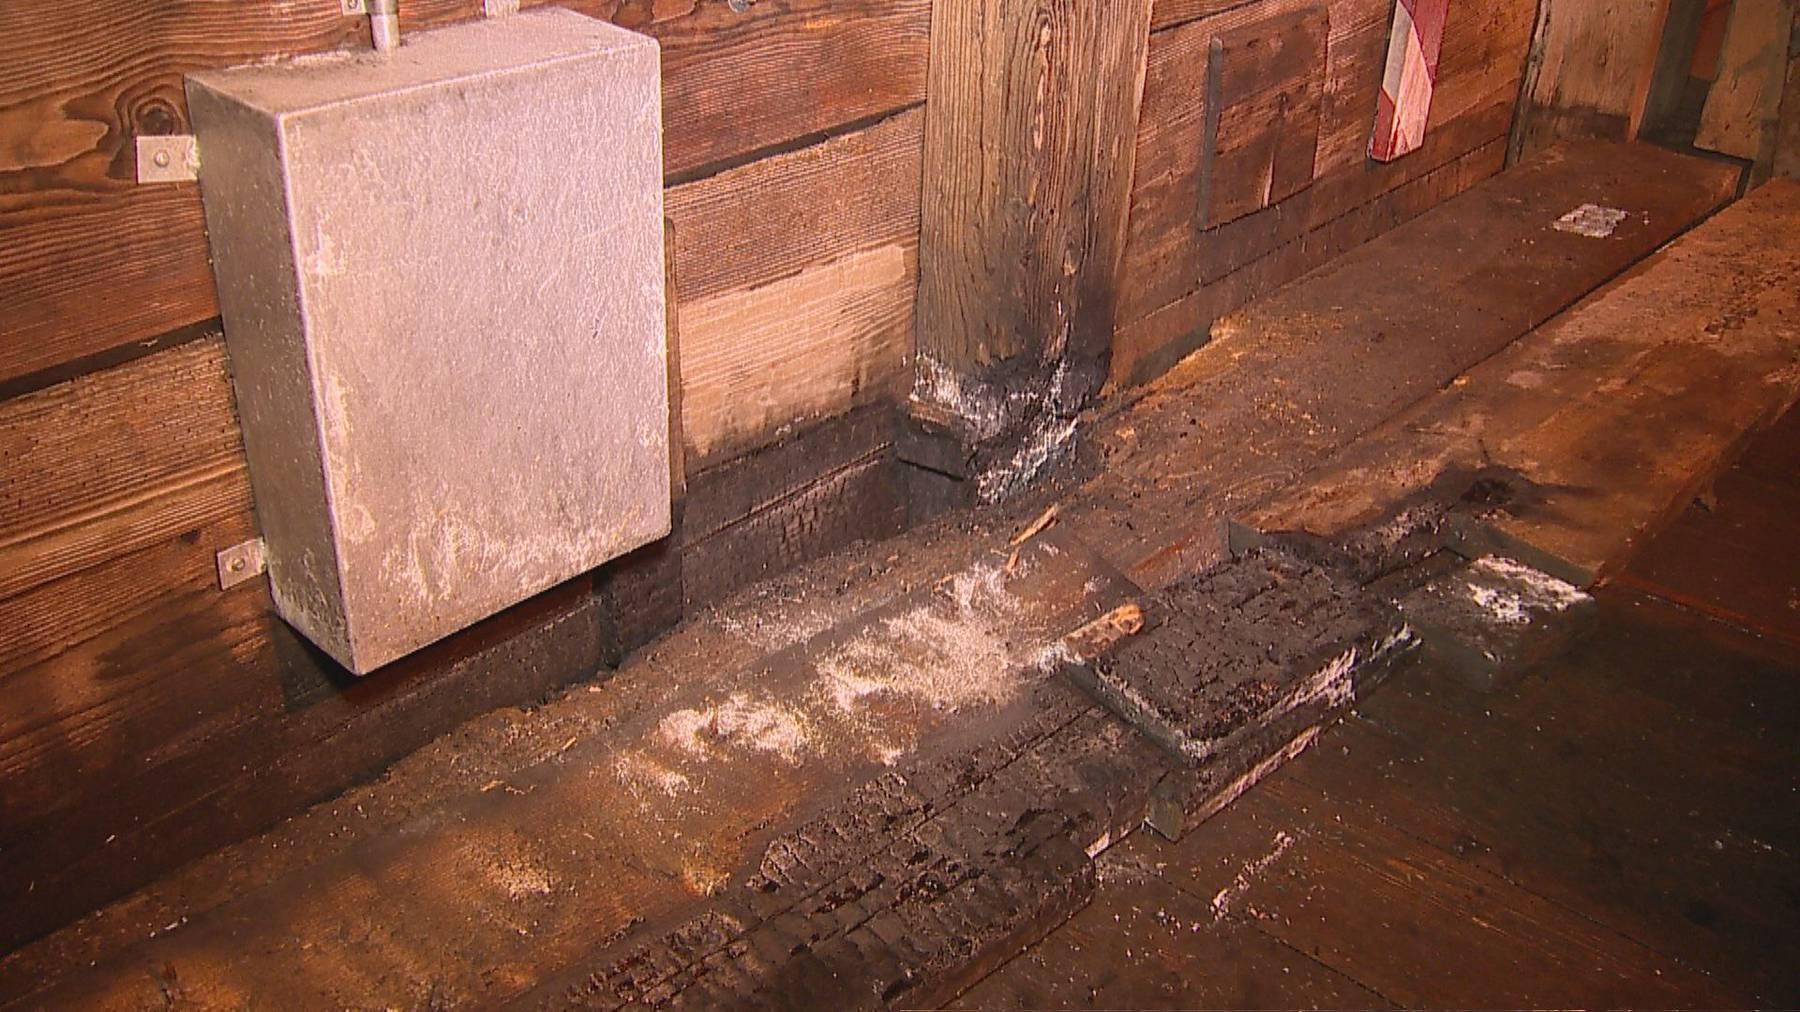 Als die Feuerwehr eintraf, versuchte ein Passant bereits, das Feuer zu löschen. (Bild: Beat Kälin)